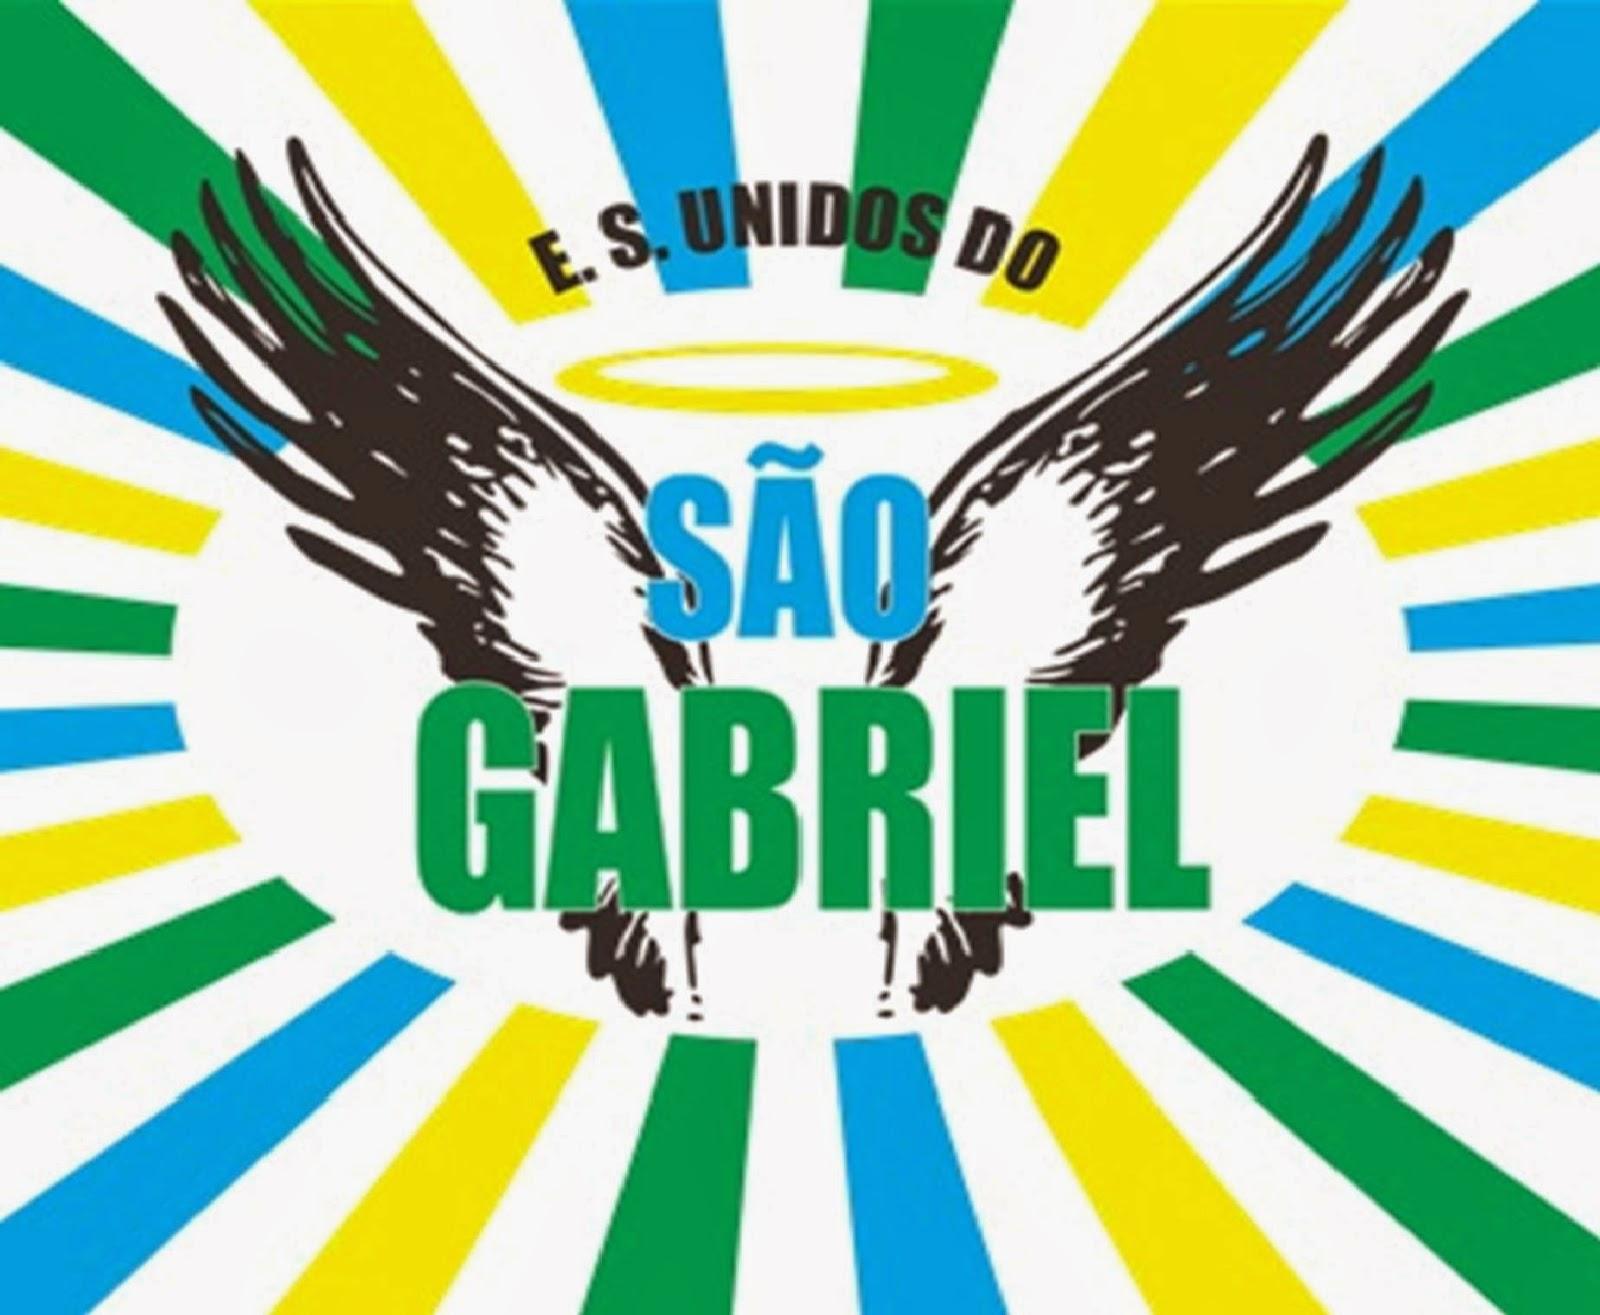 http://1.bp.blogspot.com/-30zmggor4hs/Uzgdr0cuJdI/AAAAAAAACQE/Epo0U7AdZT0/s1600/ESCOLA+DE+SAMBA+UNIDOS+DA+S%C3%83O+GABRIEL+1.jpg